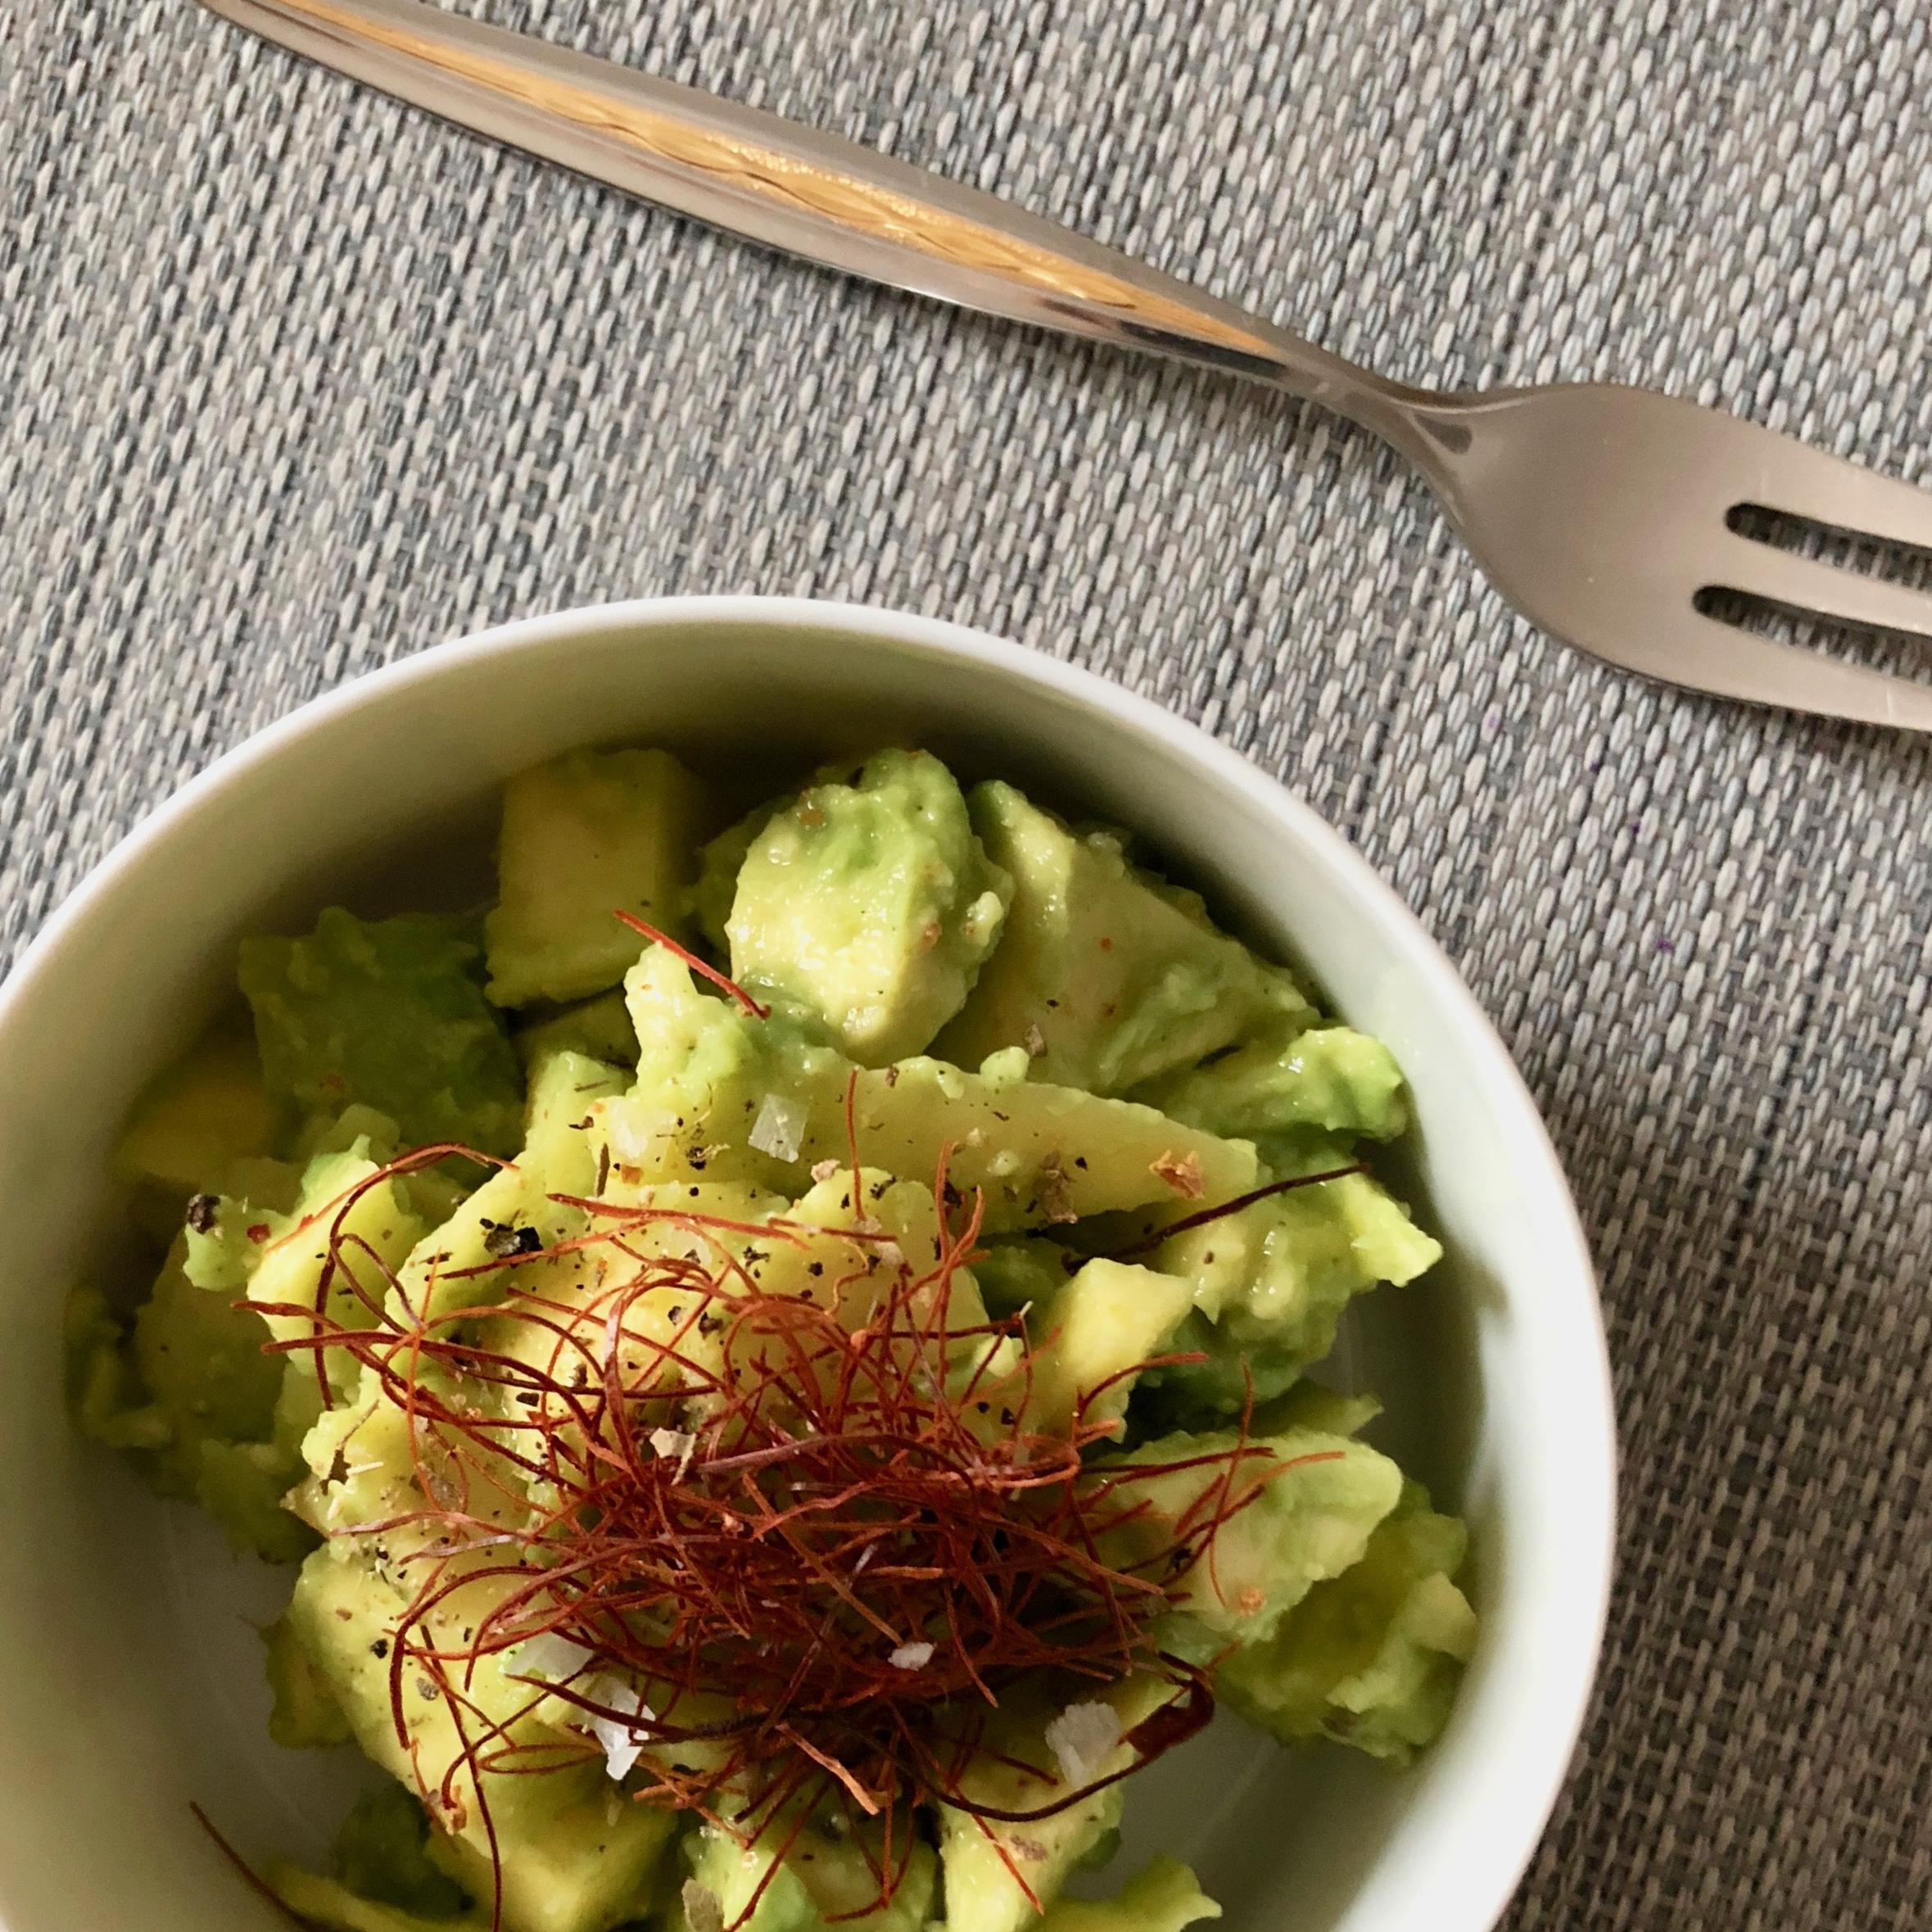 https://www.kamikatzedesign-berlin.de/2018/07/27/scharfe-mango-mit-avocado-ein-ungew%C3%B6hnlicher-salat/